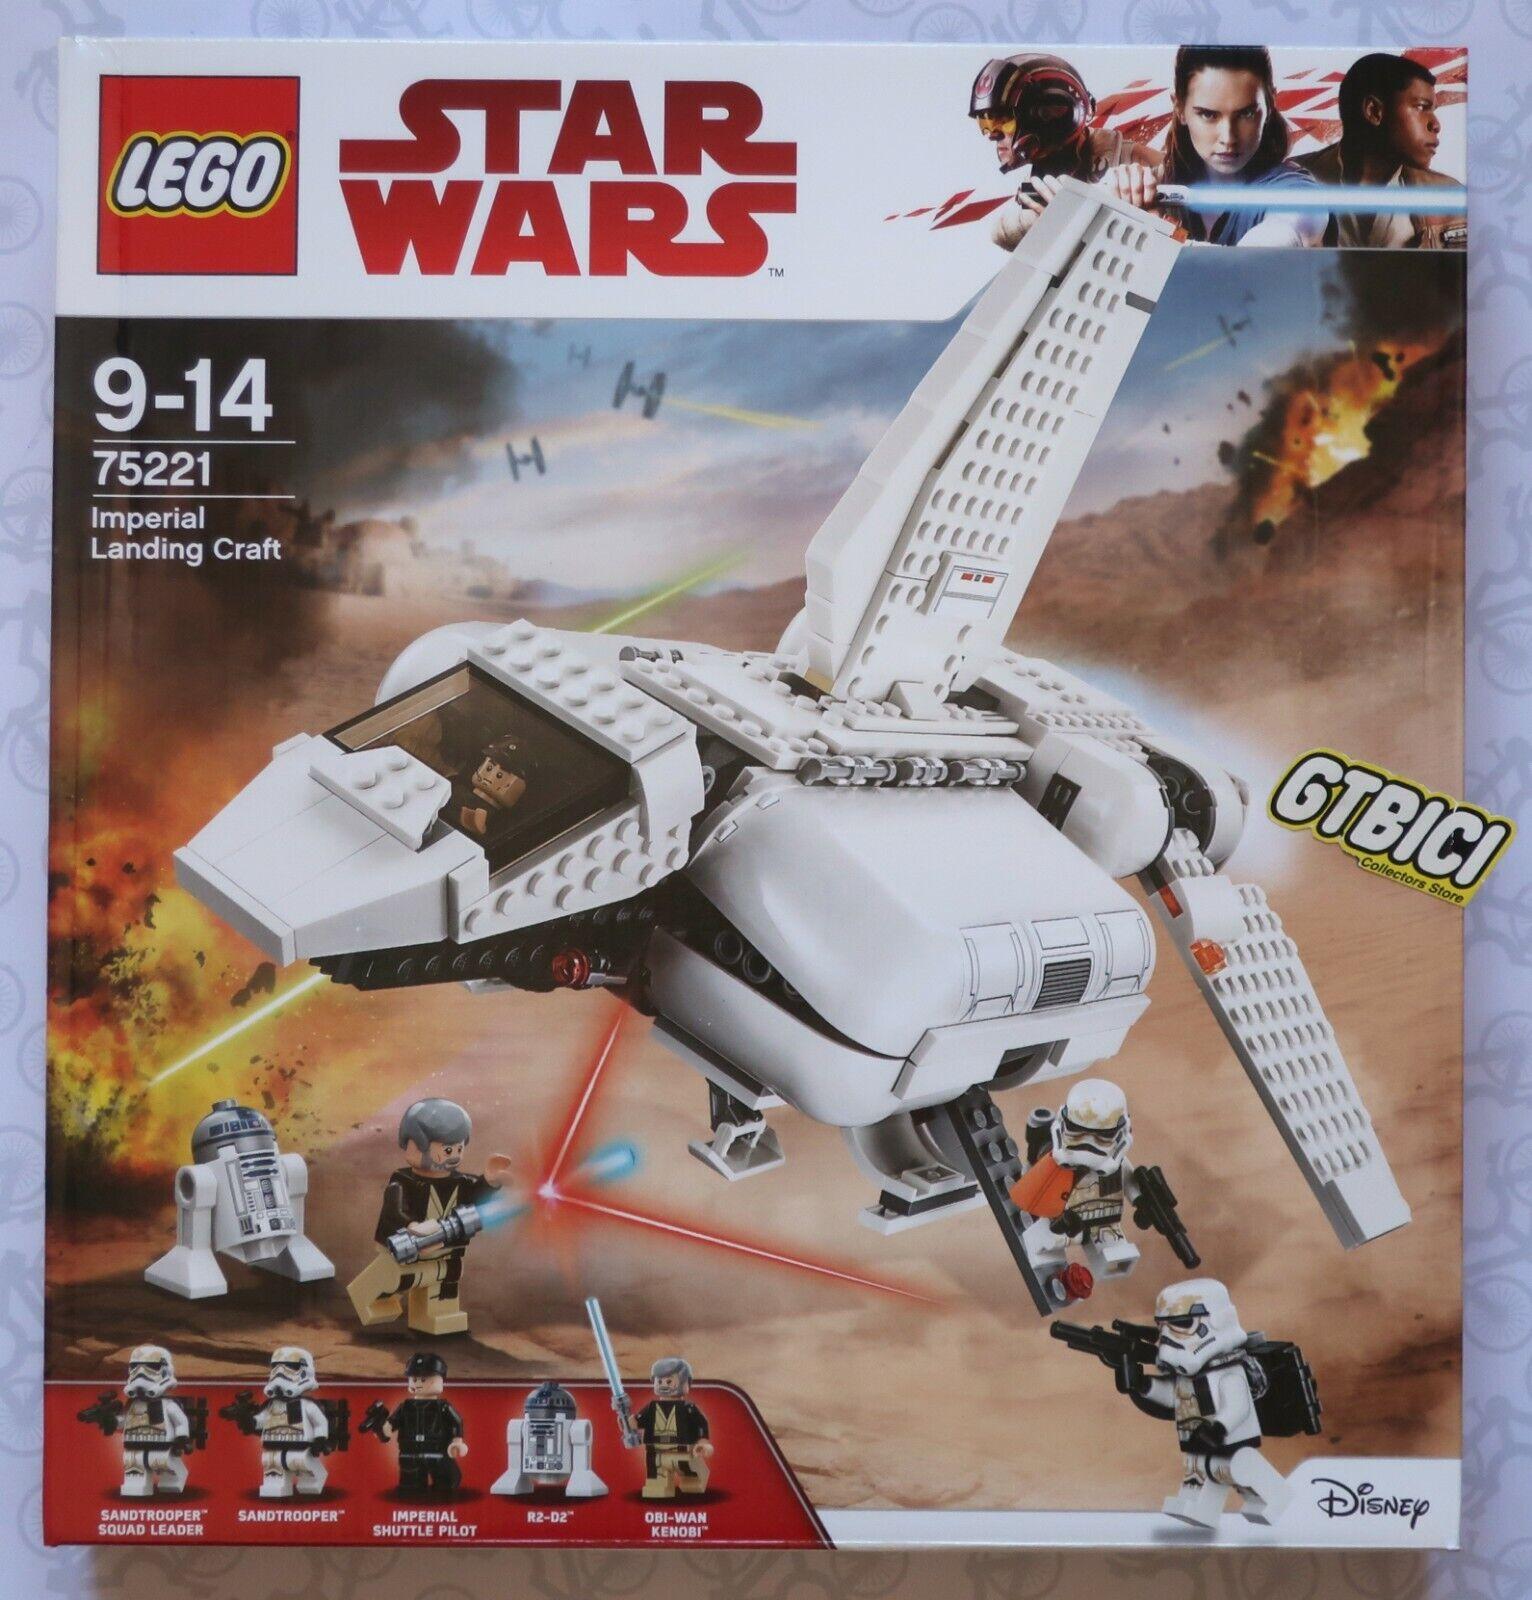 LEGO STAR WARS  `` IMPERIAL LANDING CRAF ´´  Ref 75221  NUEVO A ESTRENAR